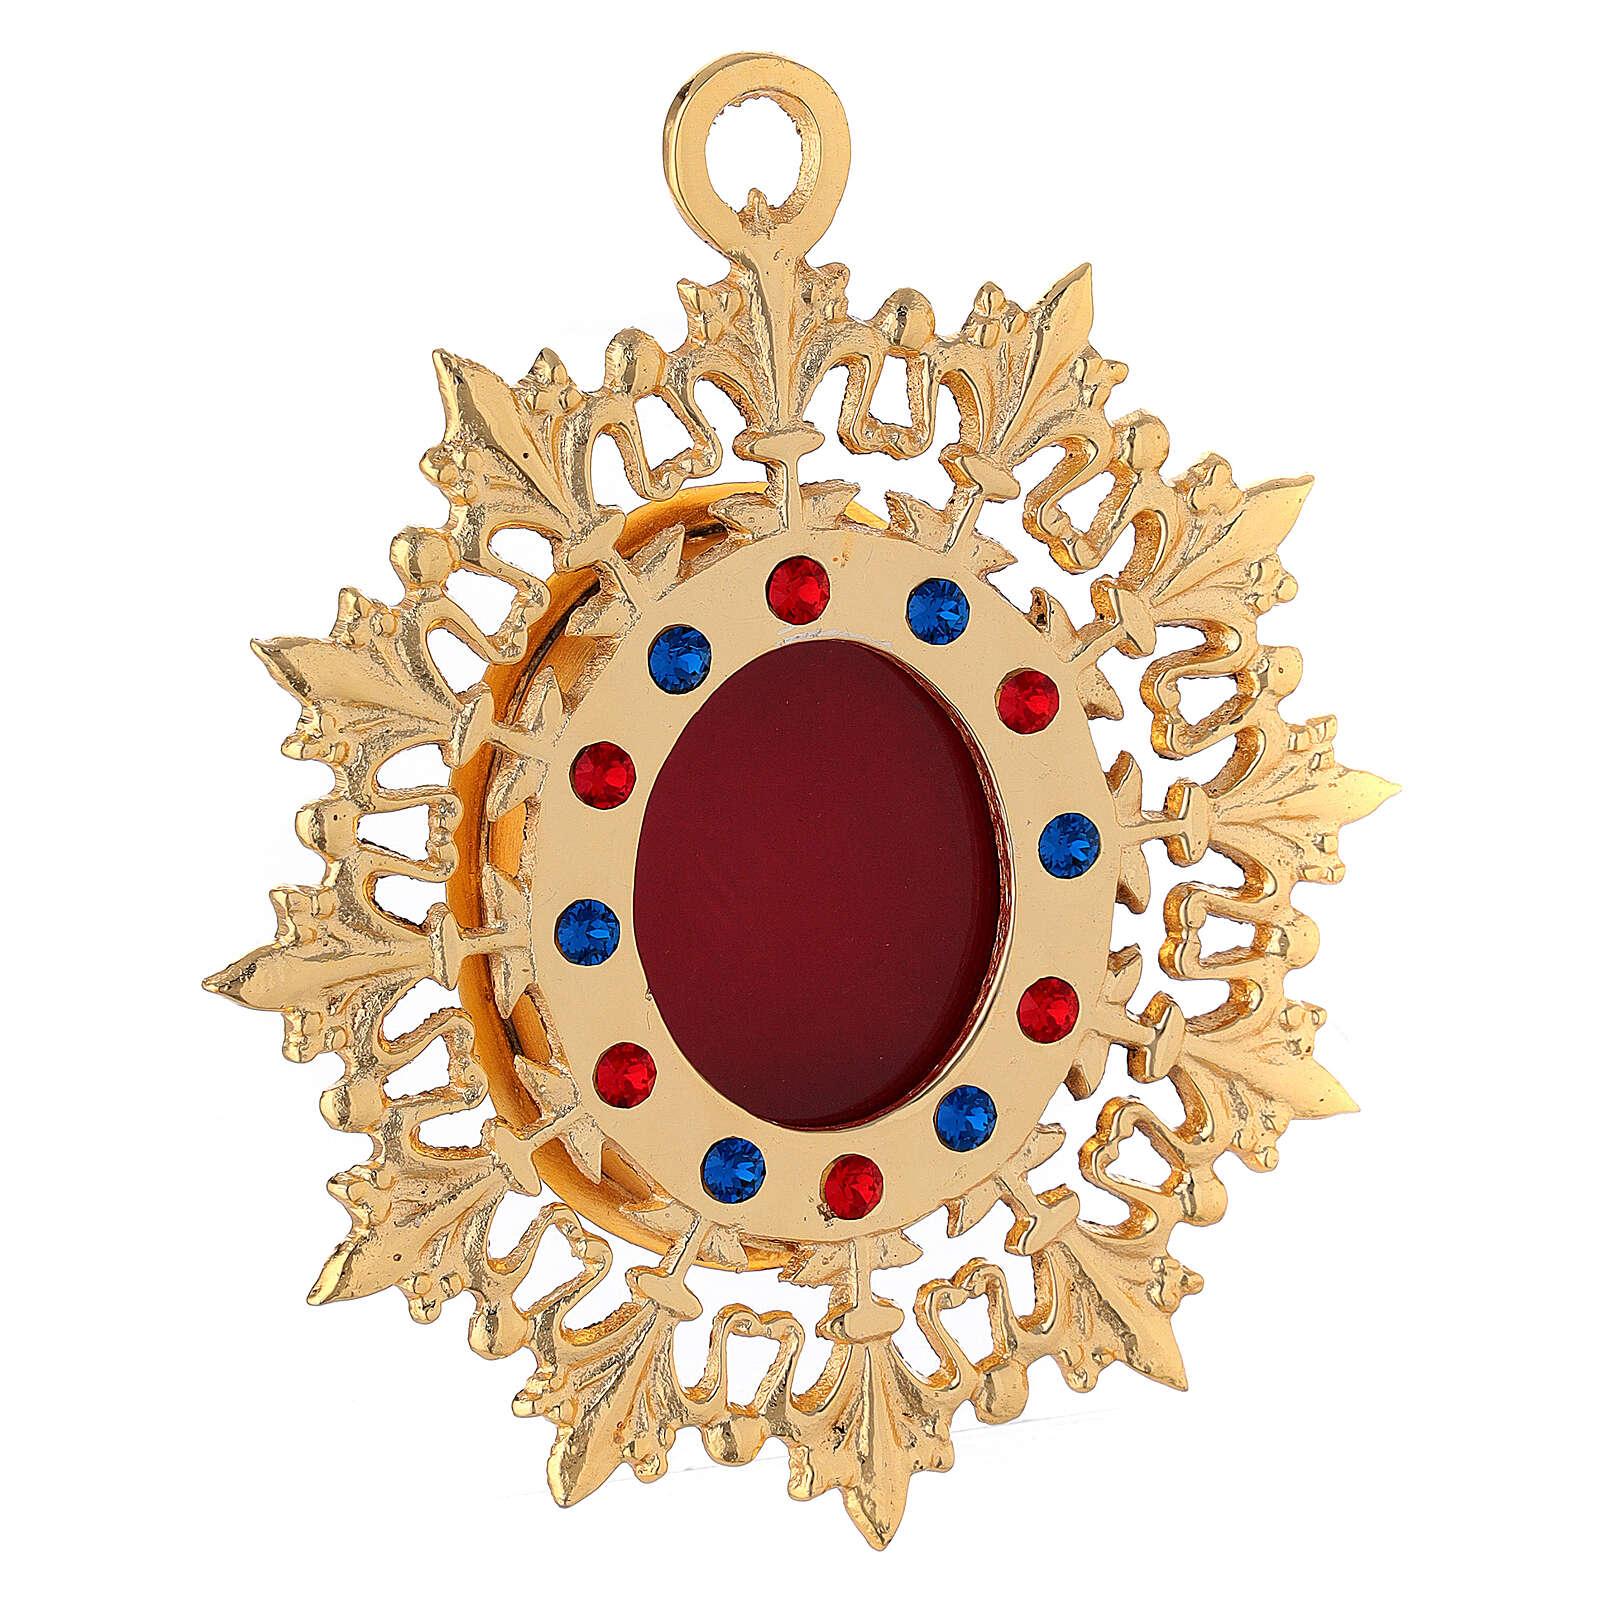 Reliquiario da parete raggiera ottone dorato cristalli 4